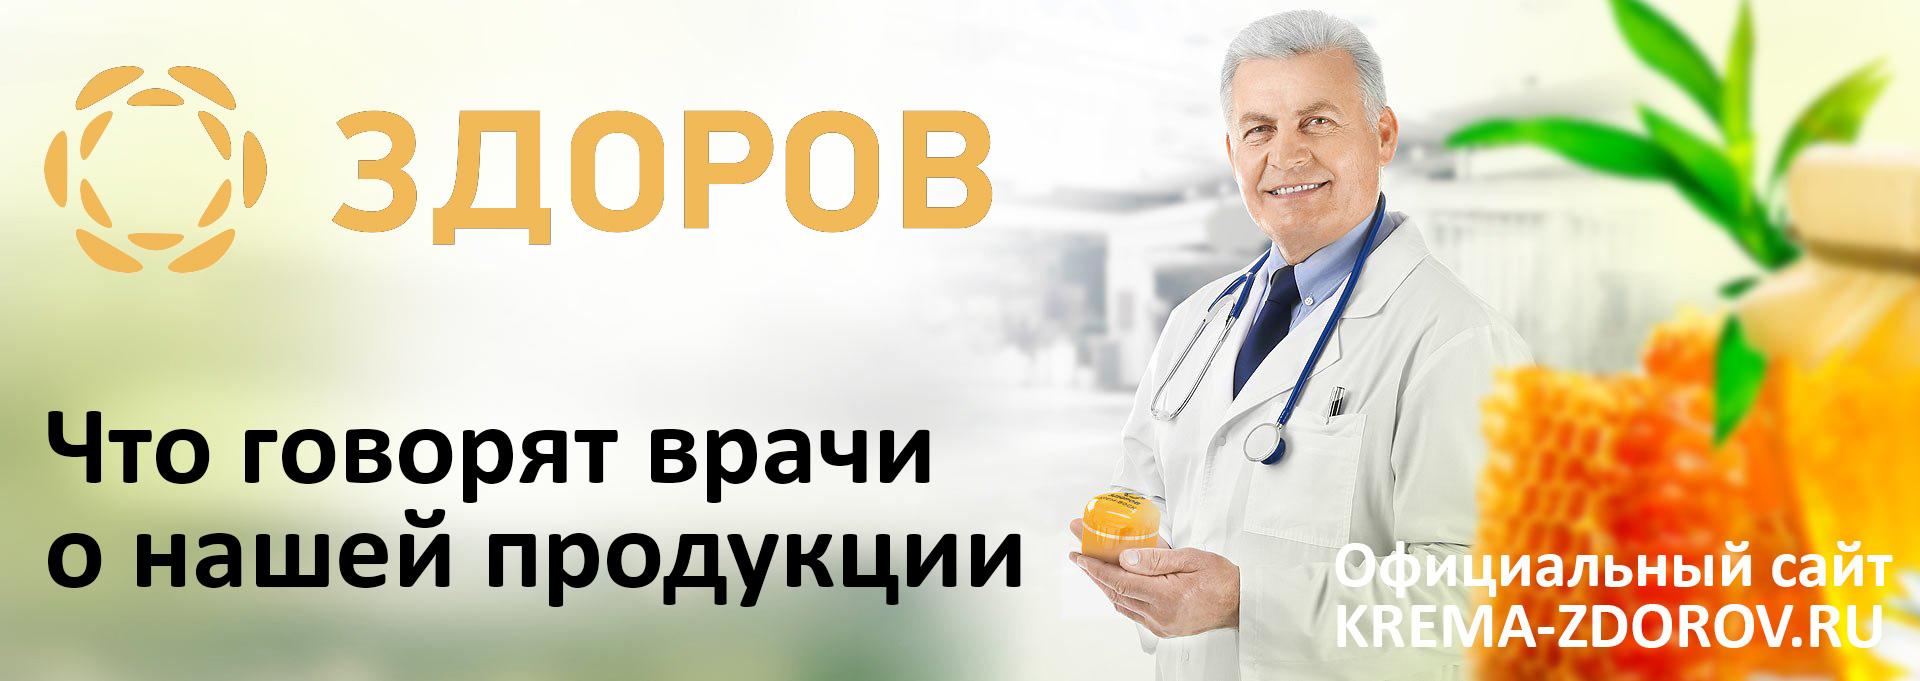 Доктора о ЗДОРОВ